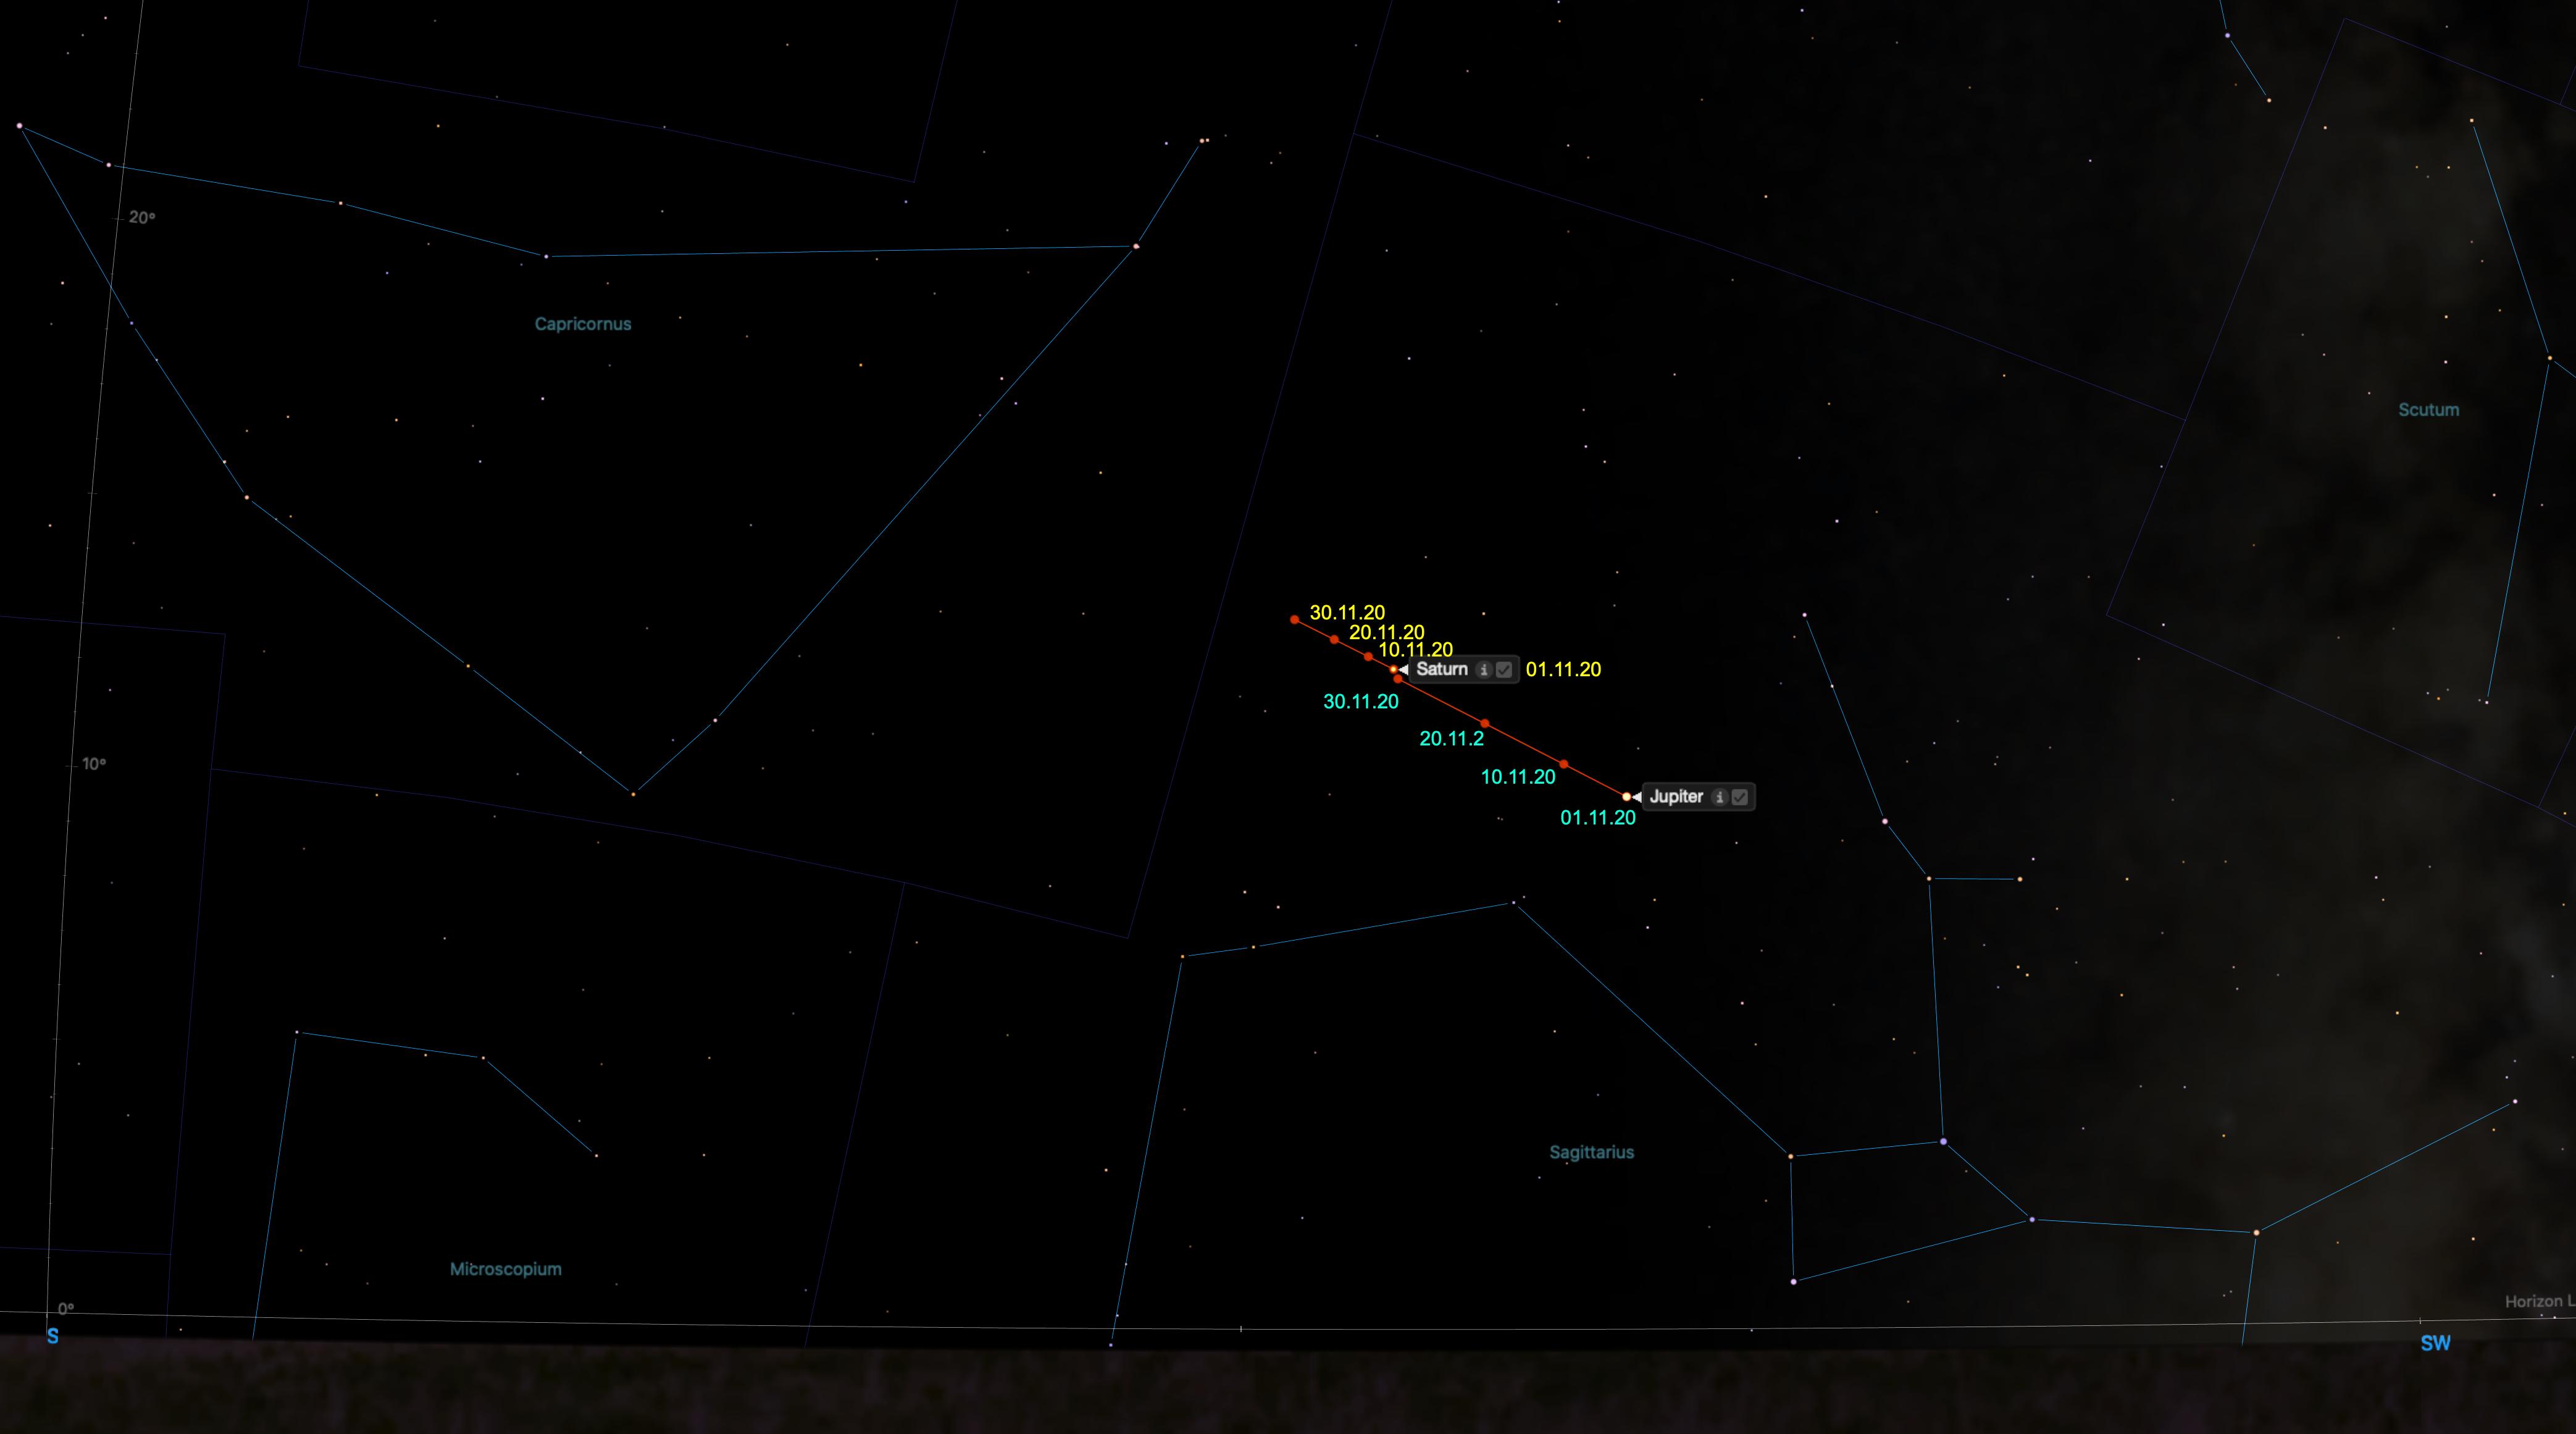 Sternenhimmel aus: Starry Night Pro Plus 8 - ergänzt um Datumsangaben